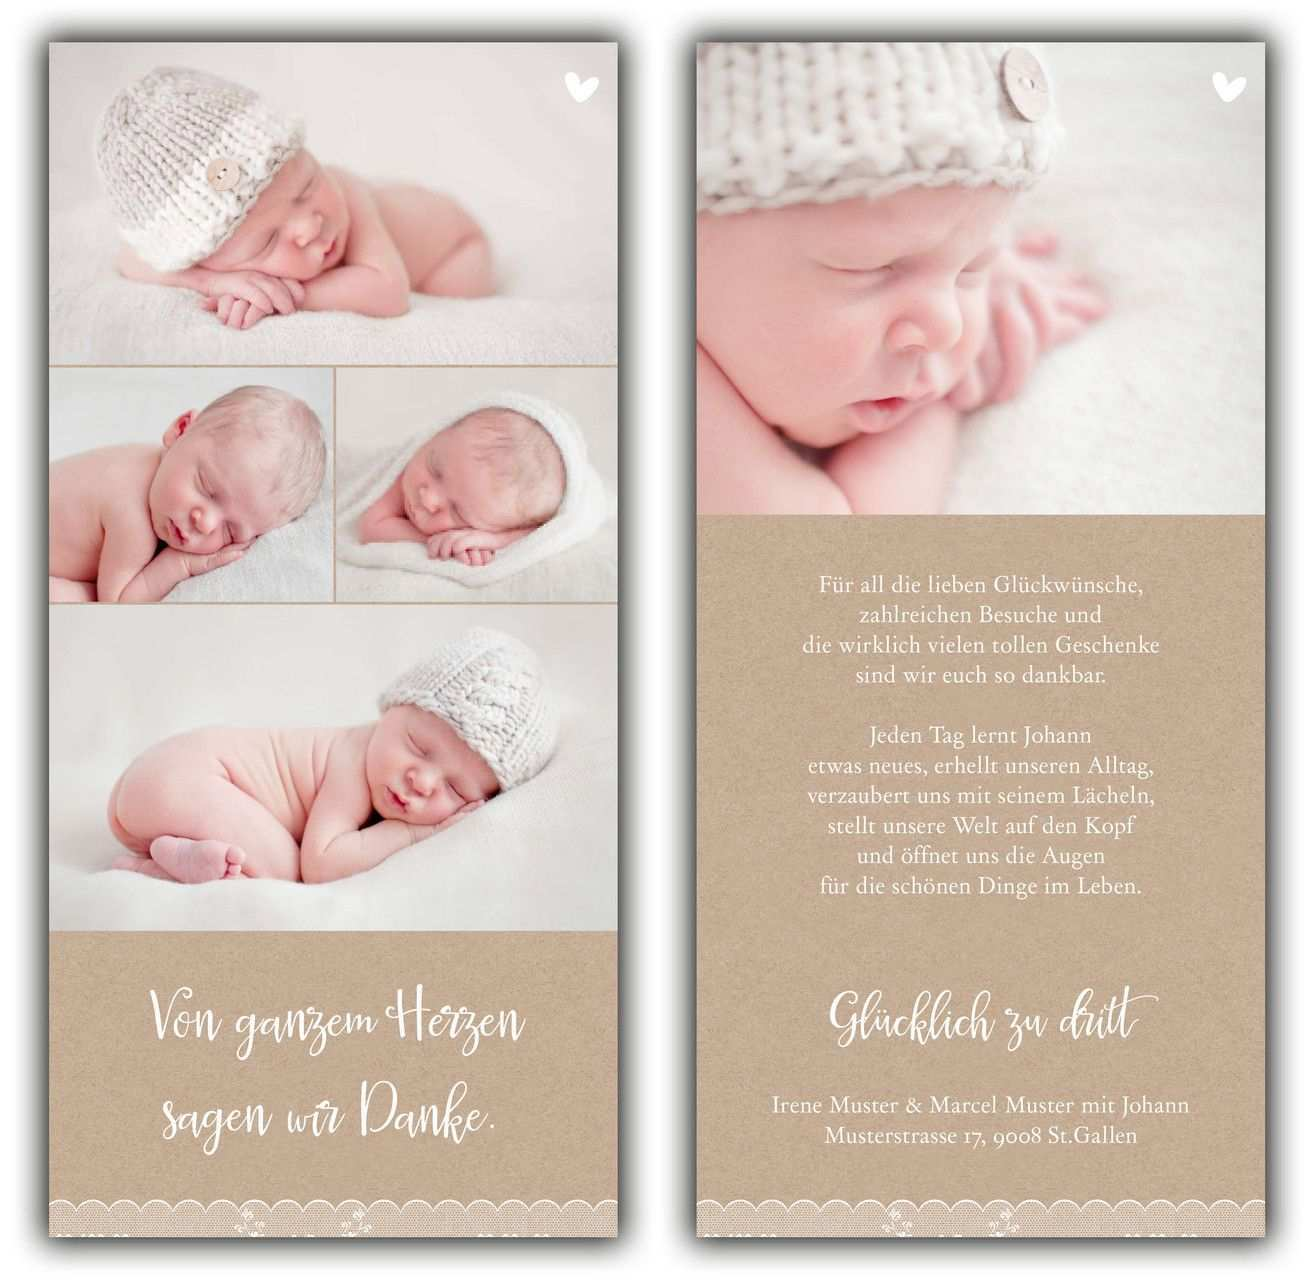 Passen Sie Unsere Dankeskarten Designs Ganz Nach Wunsch An Eigene Textideen Text Weglassen Fur Personliche Dankeskarte Geburt Baby Dankeskarten Geburtskarten